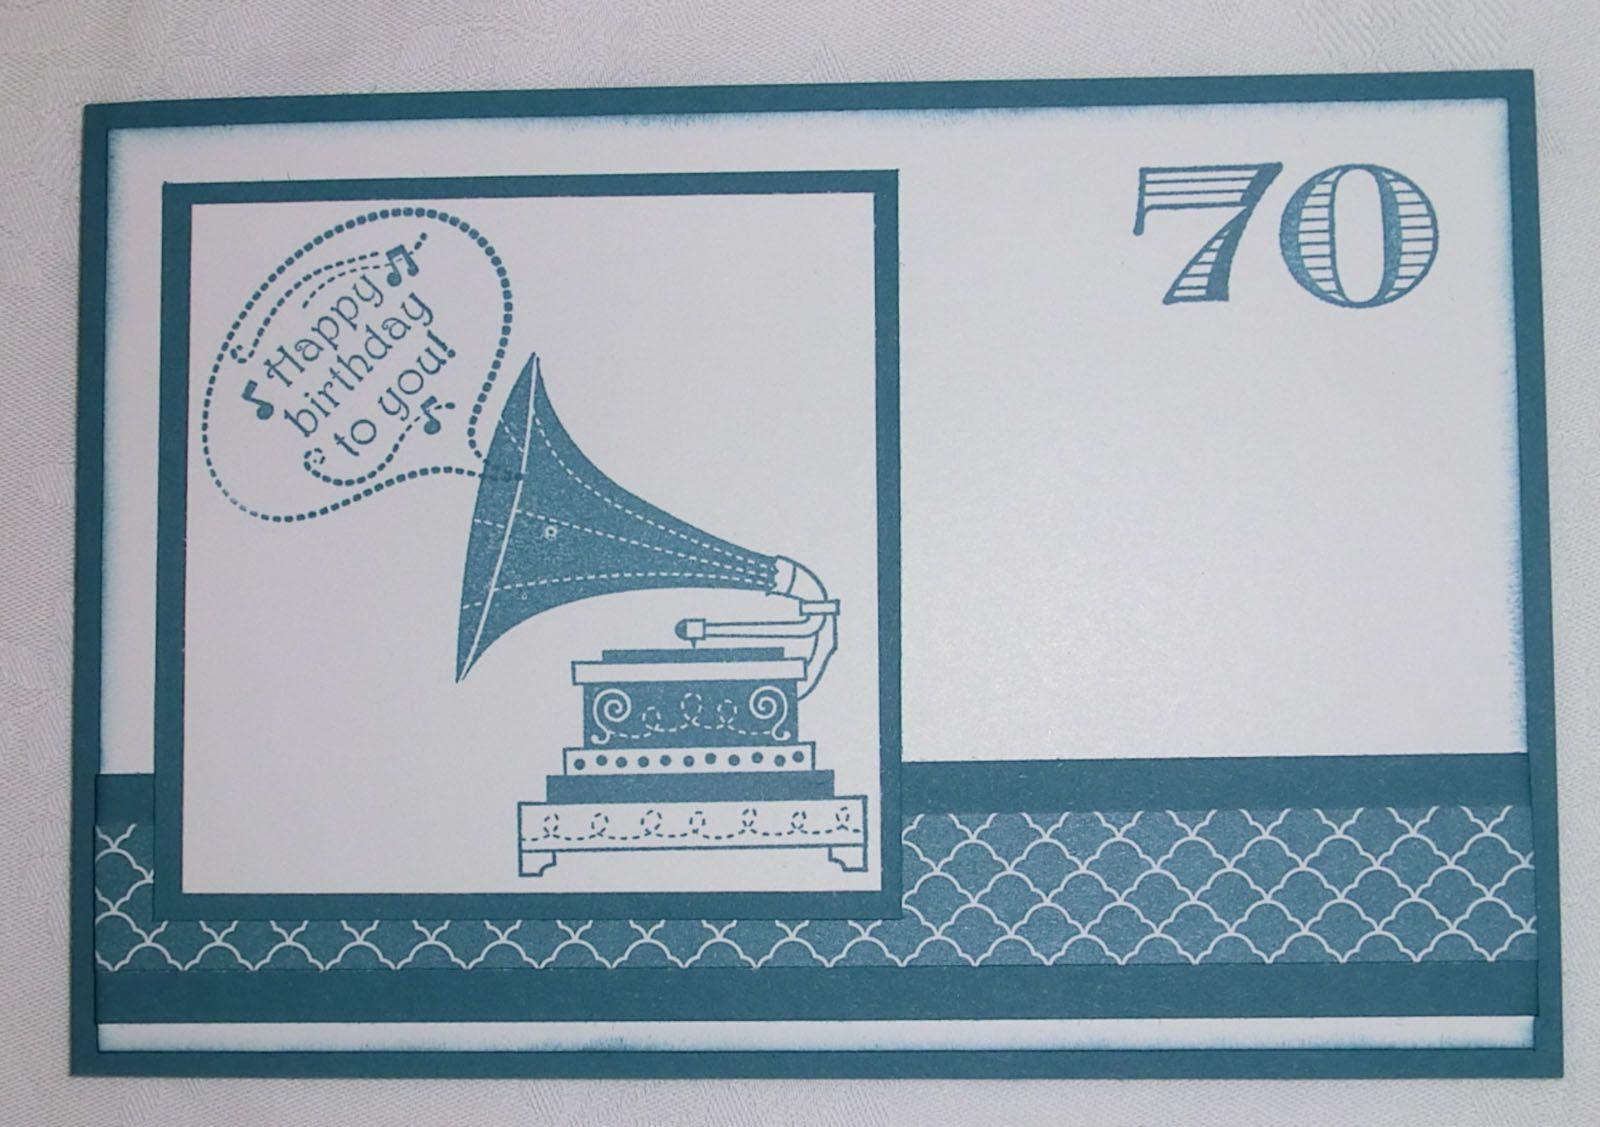 einladung 70 geburtstag : einladung 70 geburtstag vorlage, Einladung